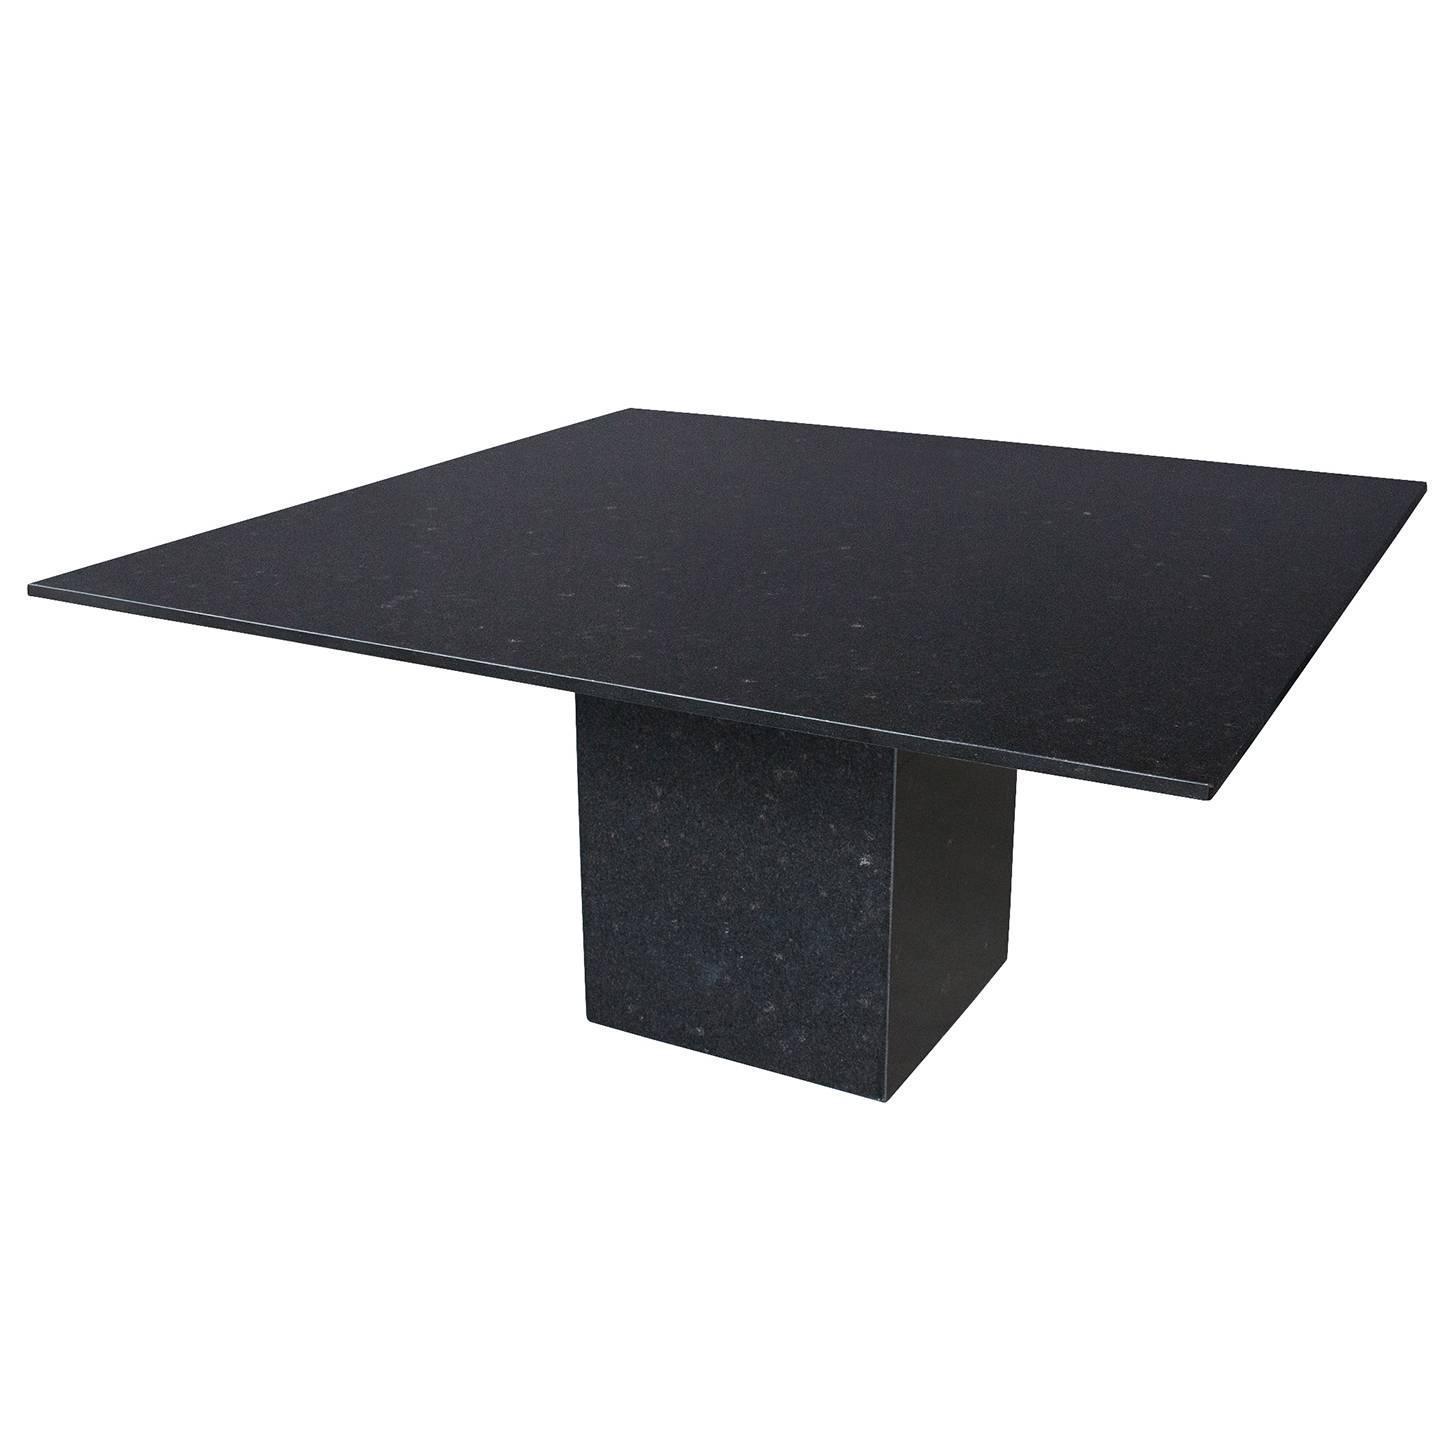 Minimalist Italian Black Granite Pedestal Dining Table At 1stdibs